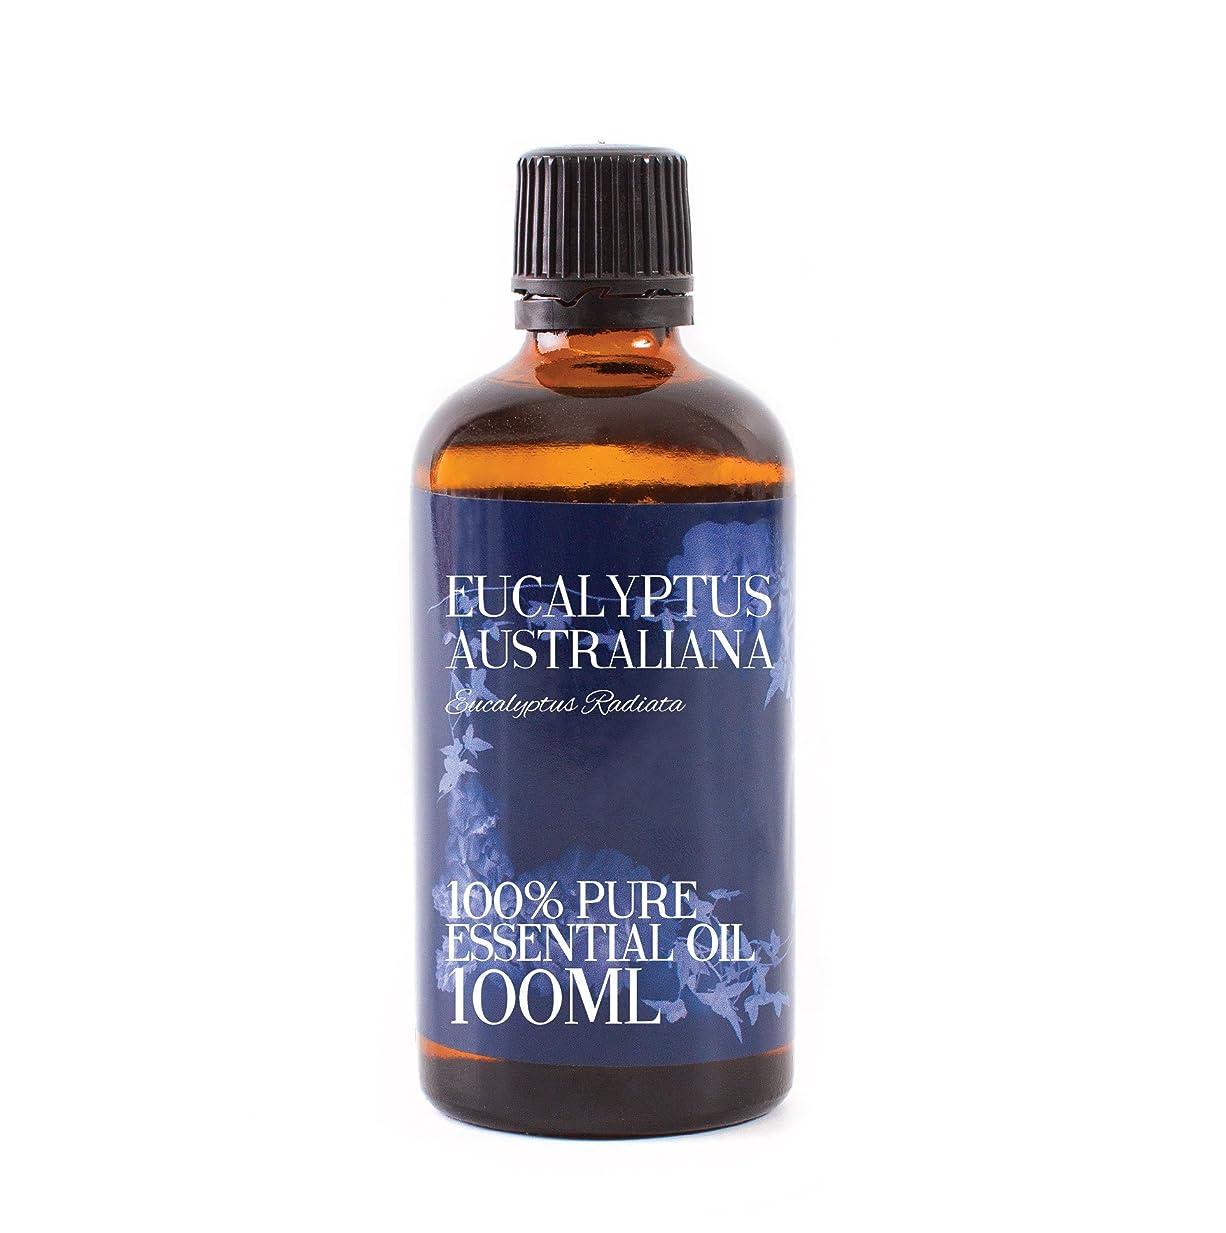 警報肥沃な見かけ上Mystic Moments | Eucalyptus Australiana Essential Oil - 100ml - 100% Pure